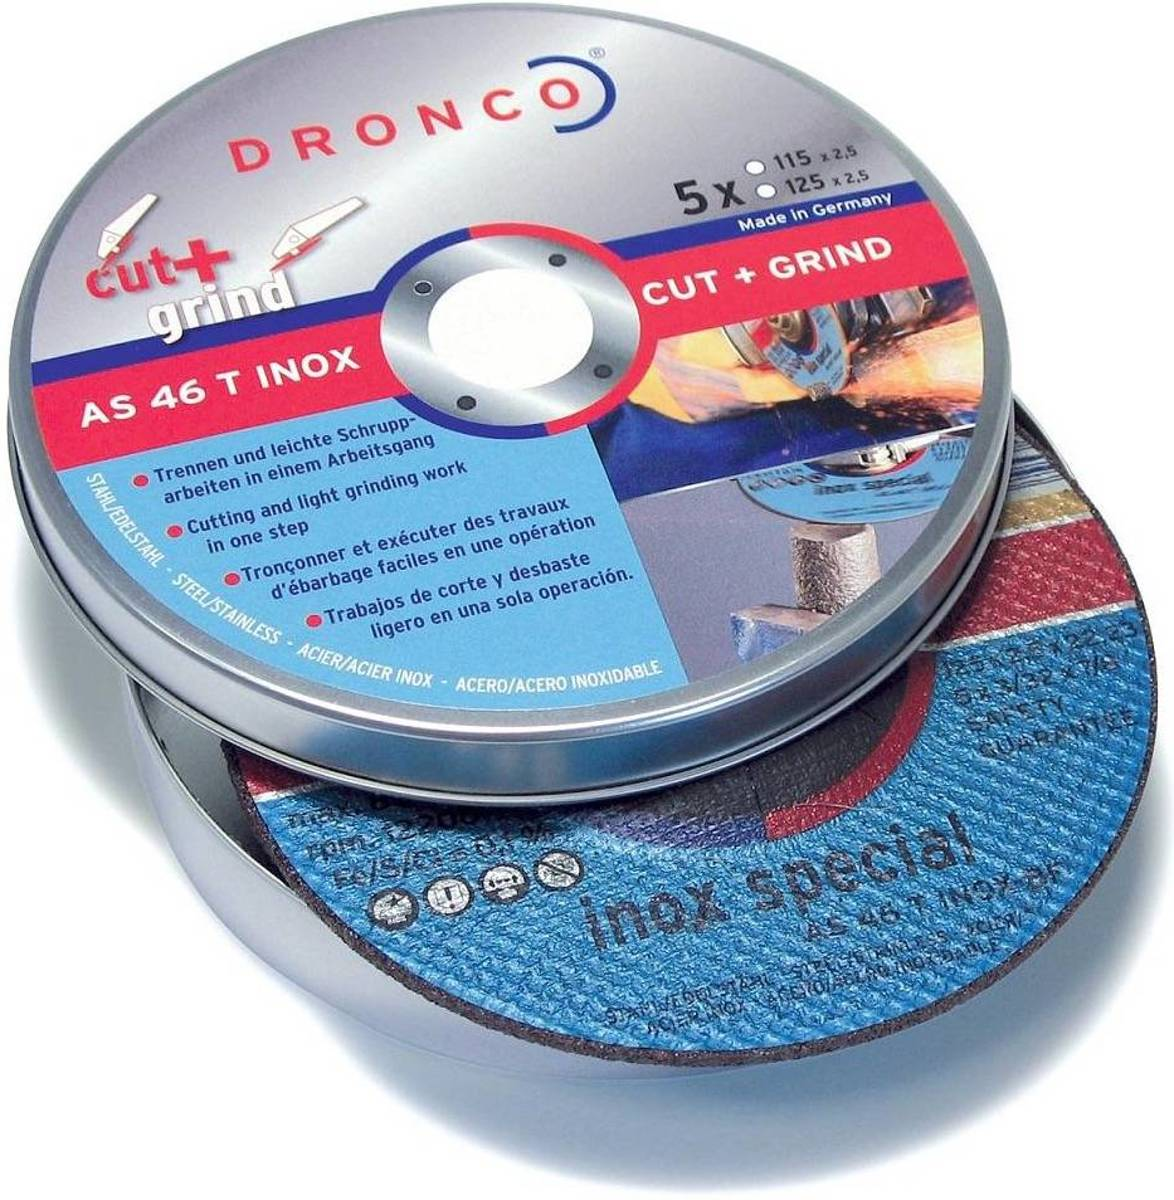 Dronco Blik doorslijp-/afbraamschijf 125mm (5 schijfjes) AS46T CUT&GRIND kopen